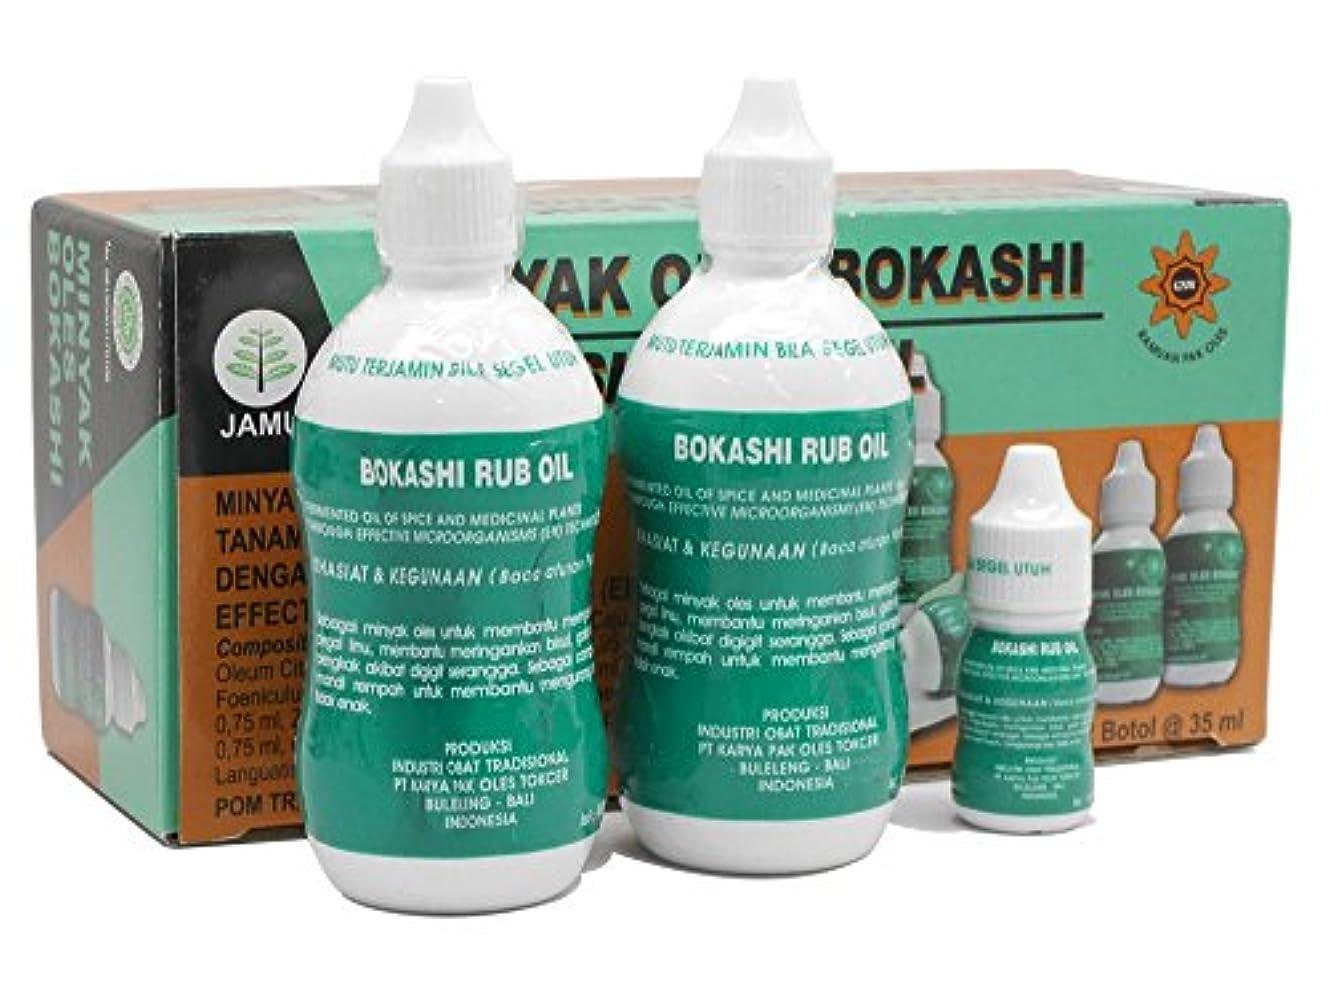 広く広くジャニスBOKASHI RUB OIL ボカシラブオイル 140ml (2本) 12ml (1本) 日本オリジナルモデル 日本正規代理店